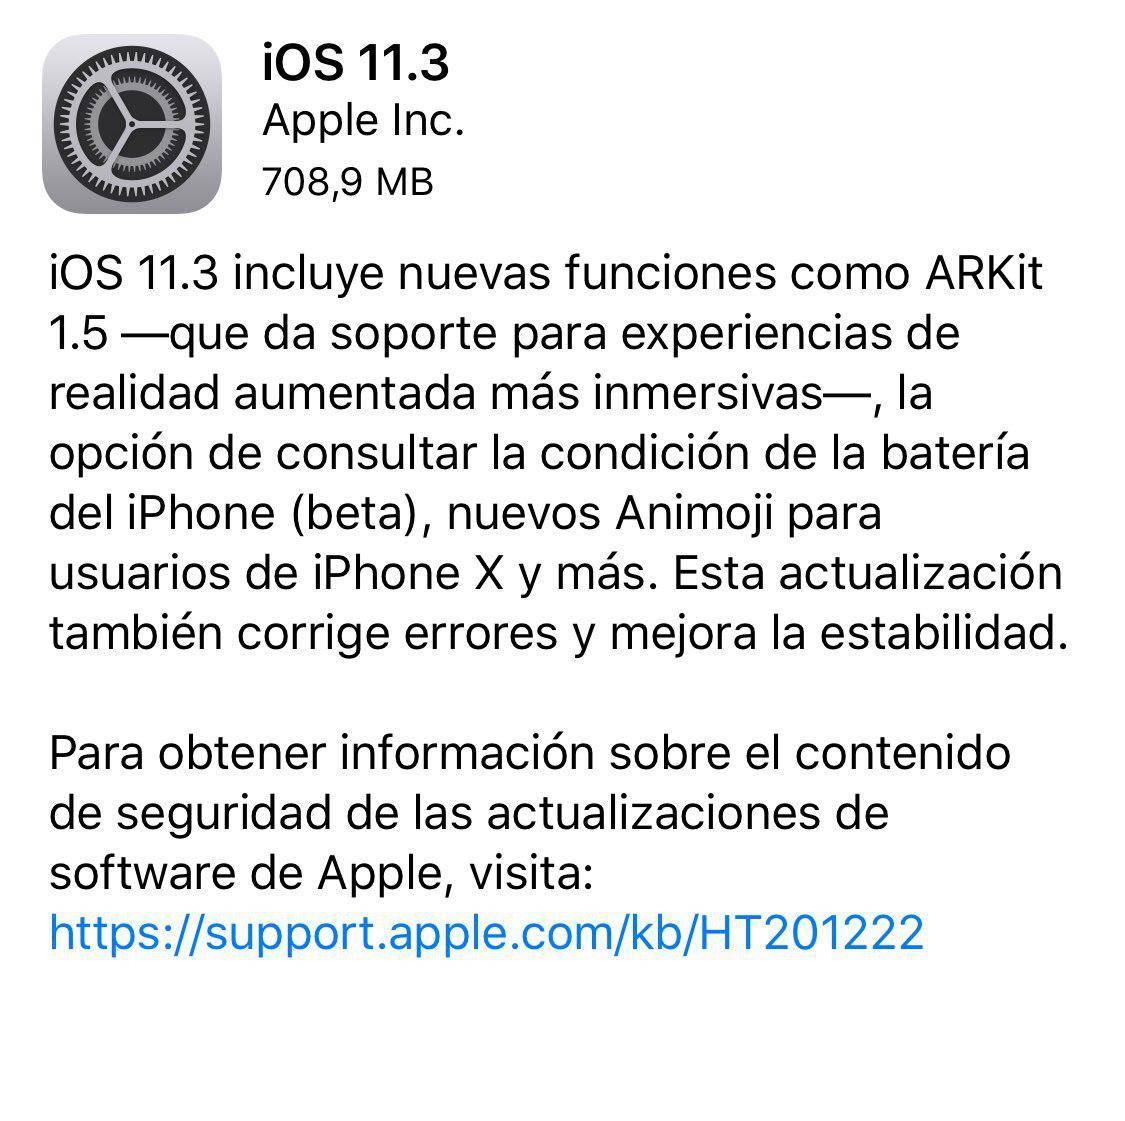 Atención usuarios de iPhone: iOS 11.3 ya está disponible